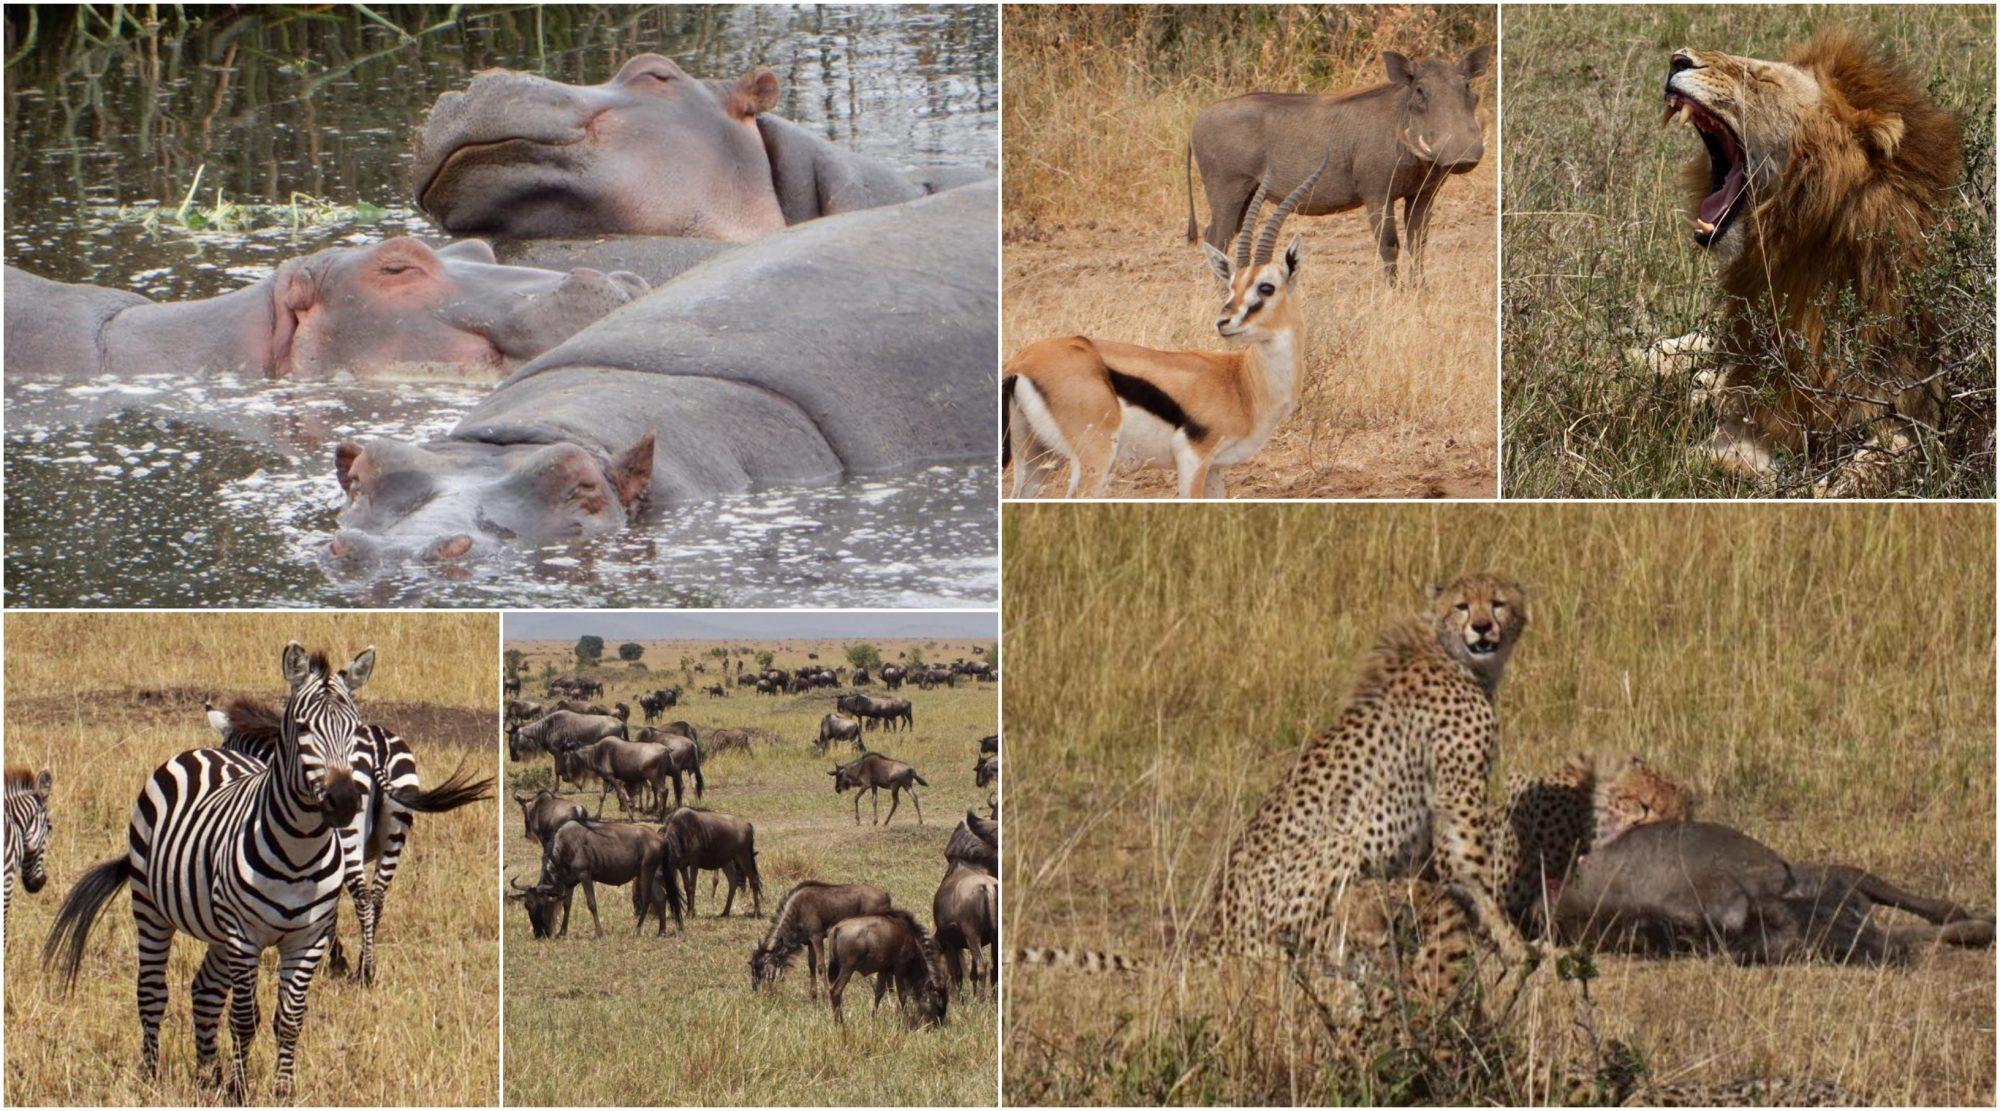 6-delt bildecollage av Afrikas dyreliv: en klynge flodhester i vannet, gaselle og et villsvin, en løve midt i en gjesp, løpende zebra, flokk med gnu og to geparder med byttet sitt.